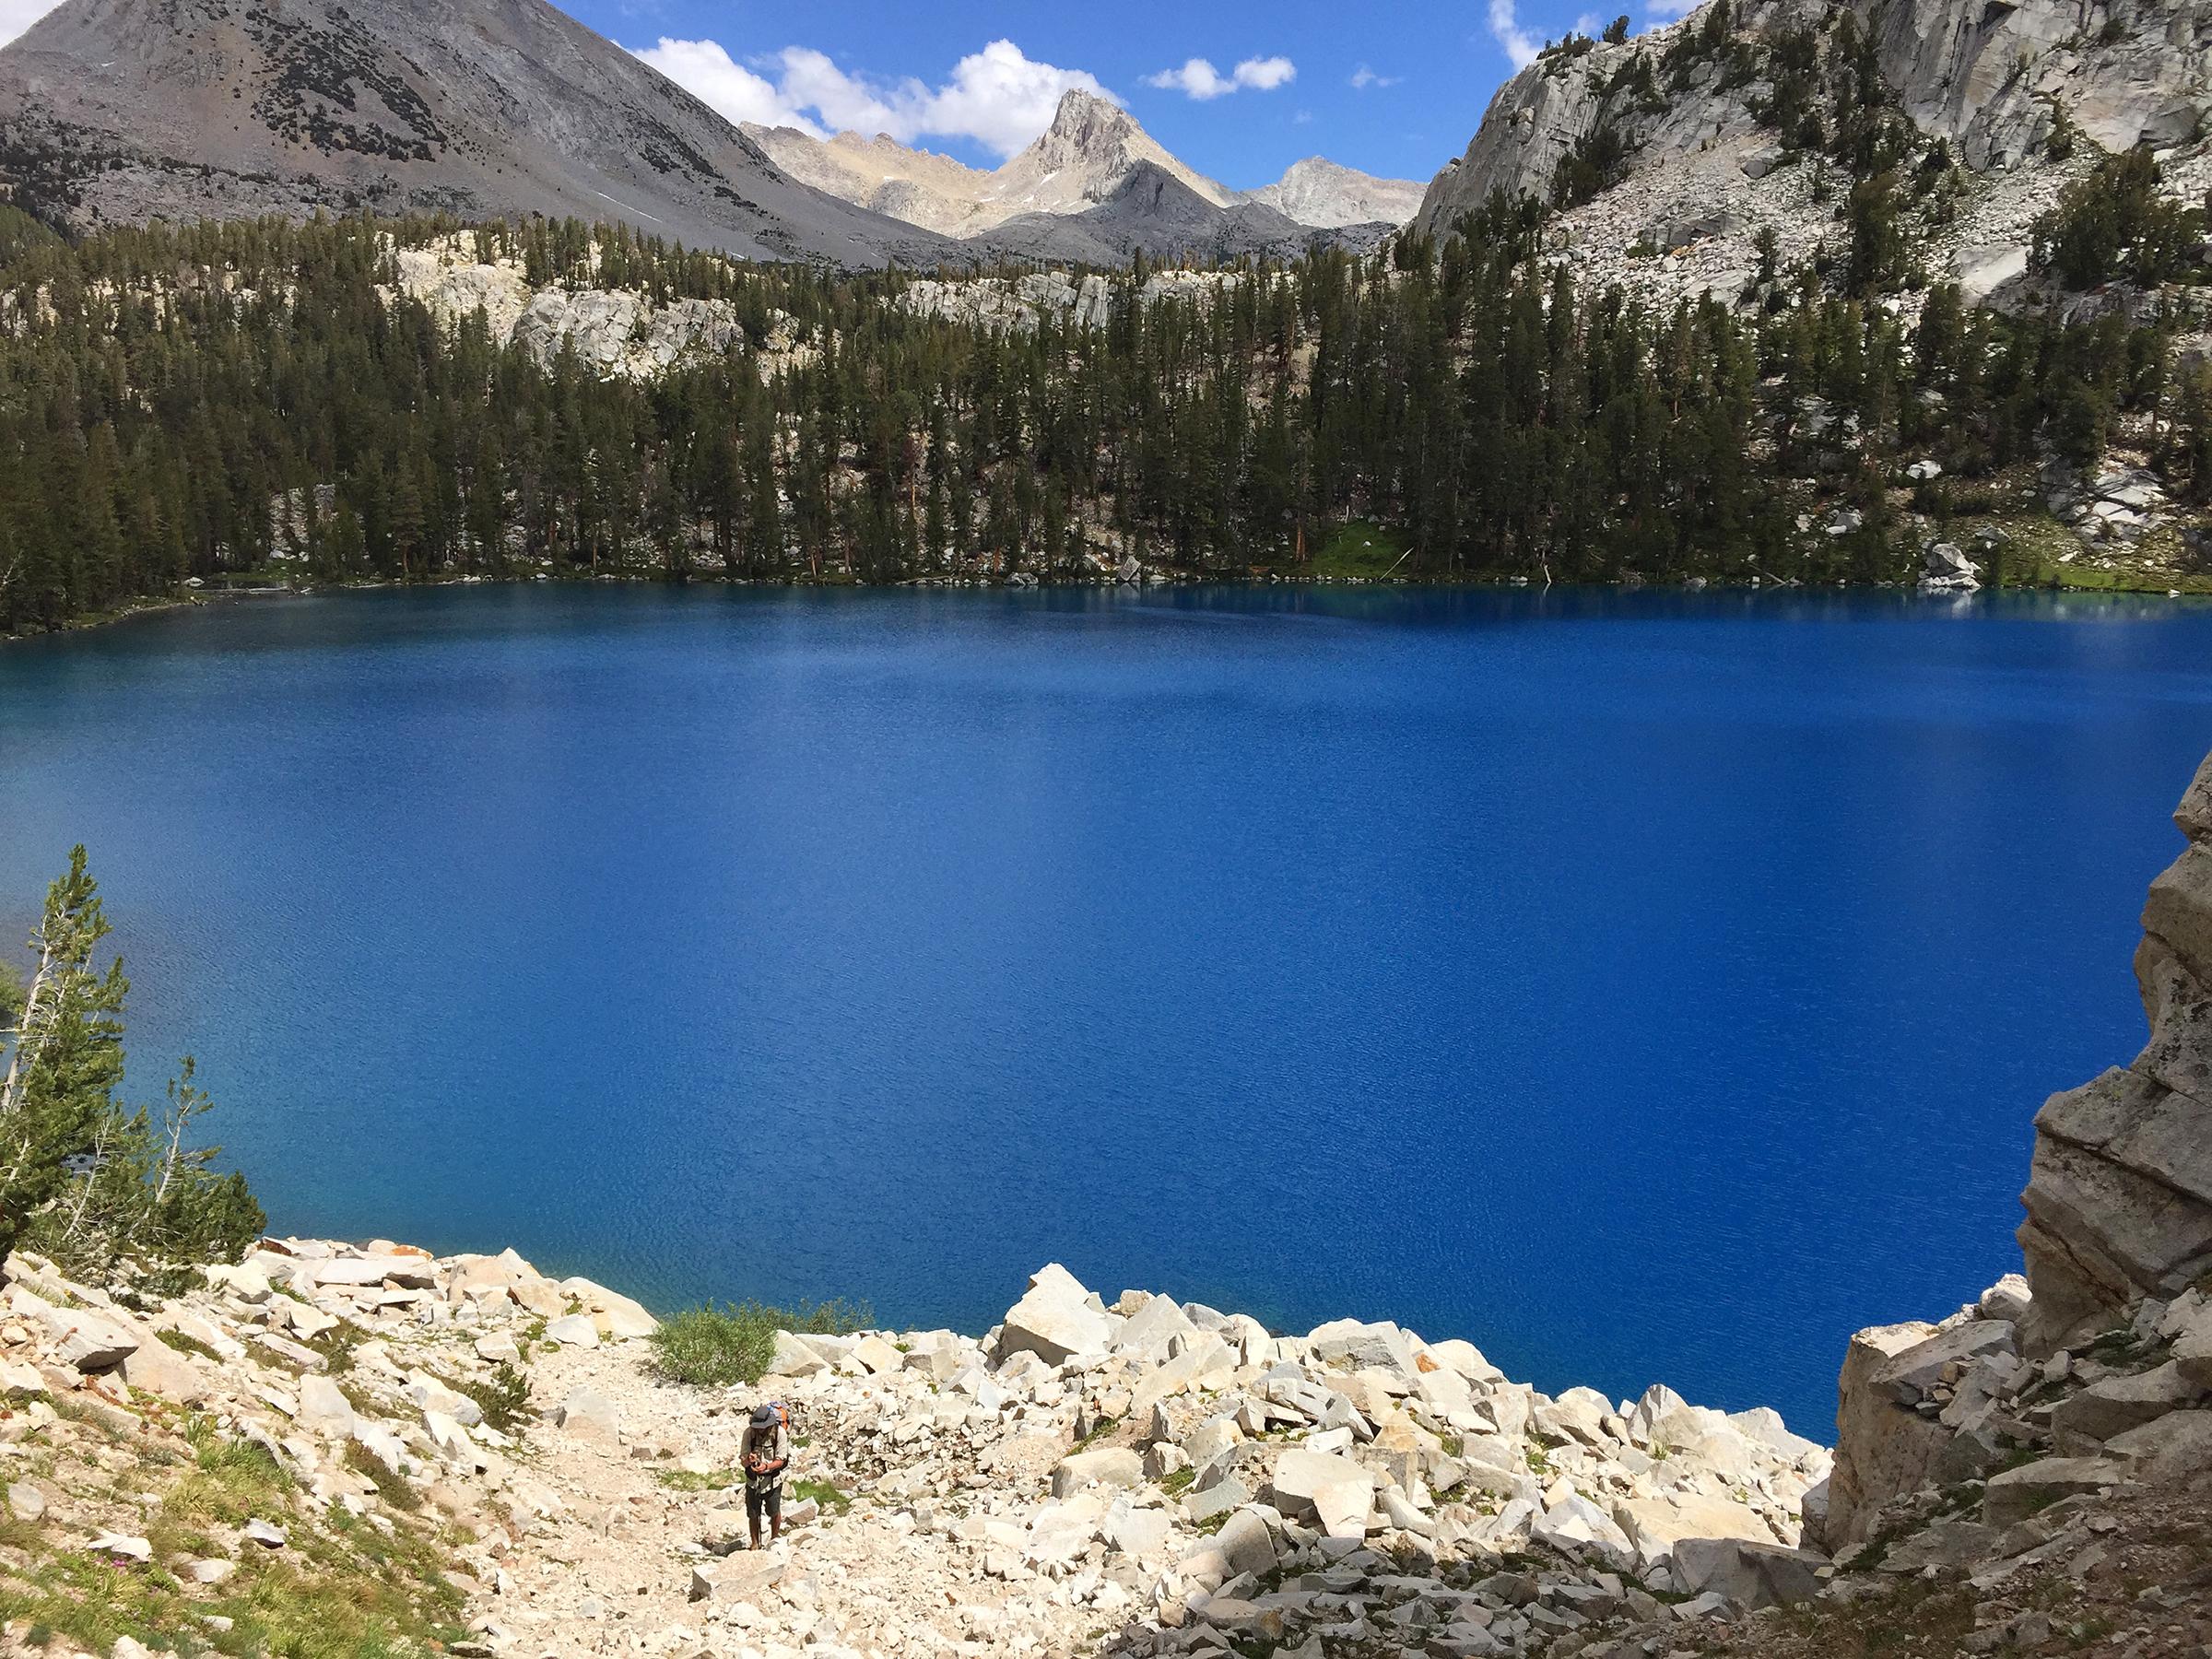 trailname-backstroke-sierra-high-route-marion lake-1013.jpg